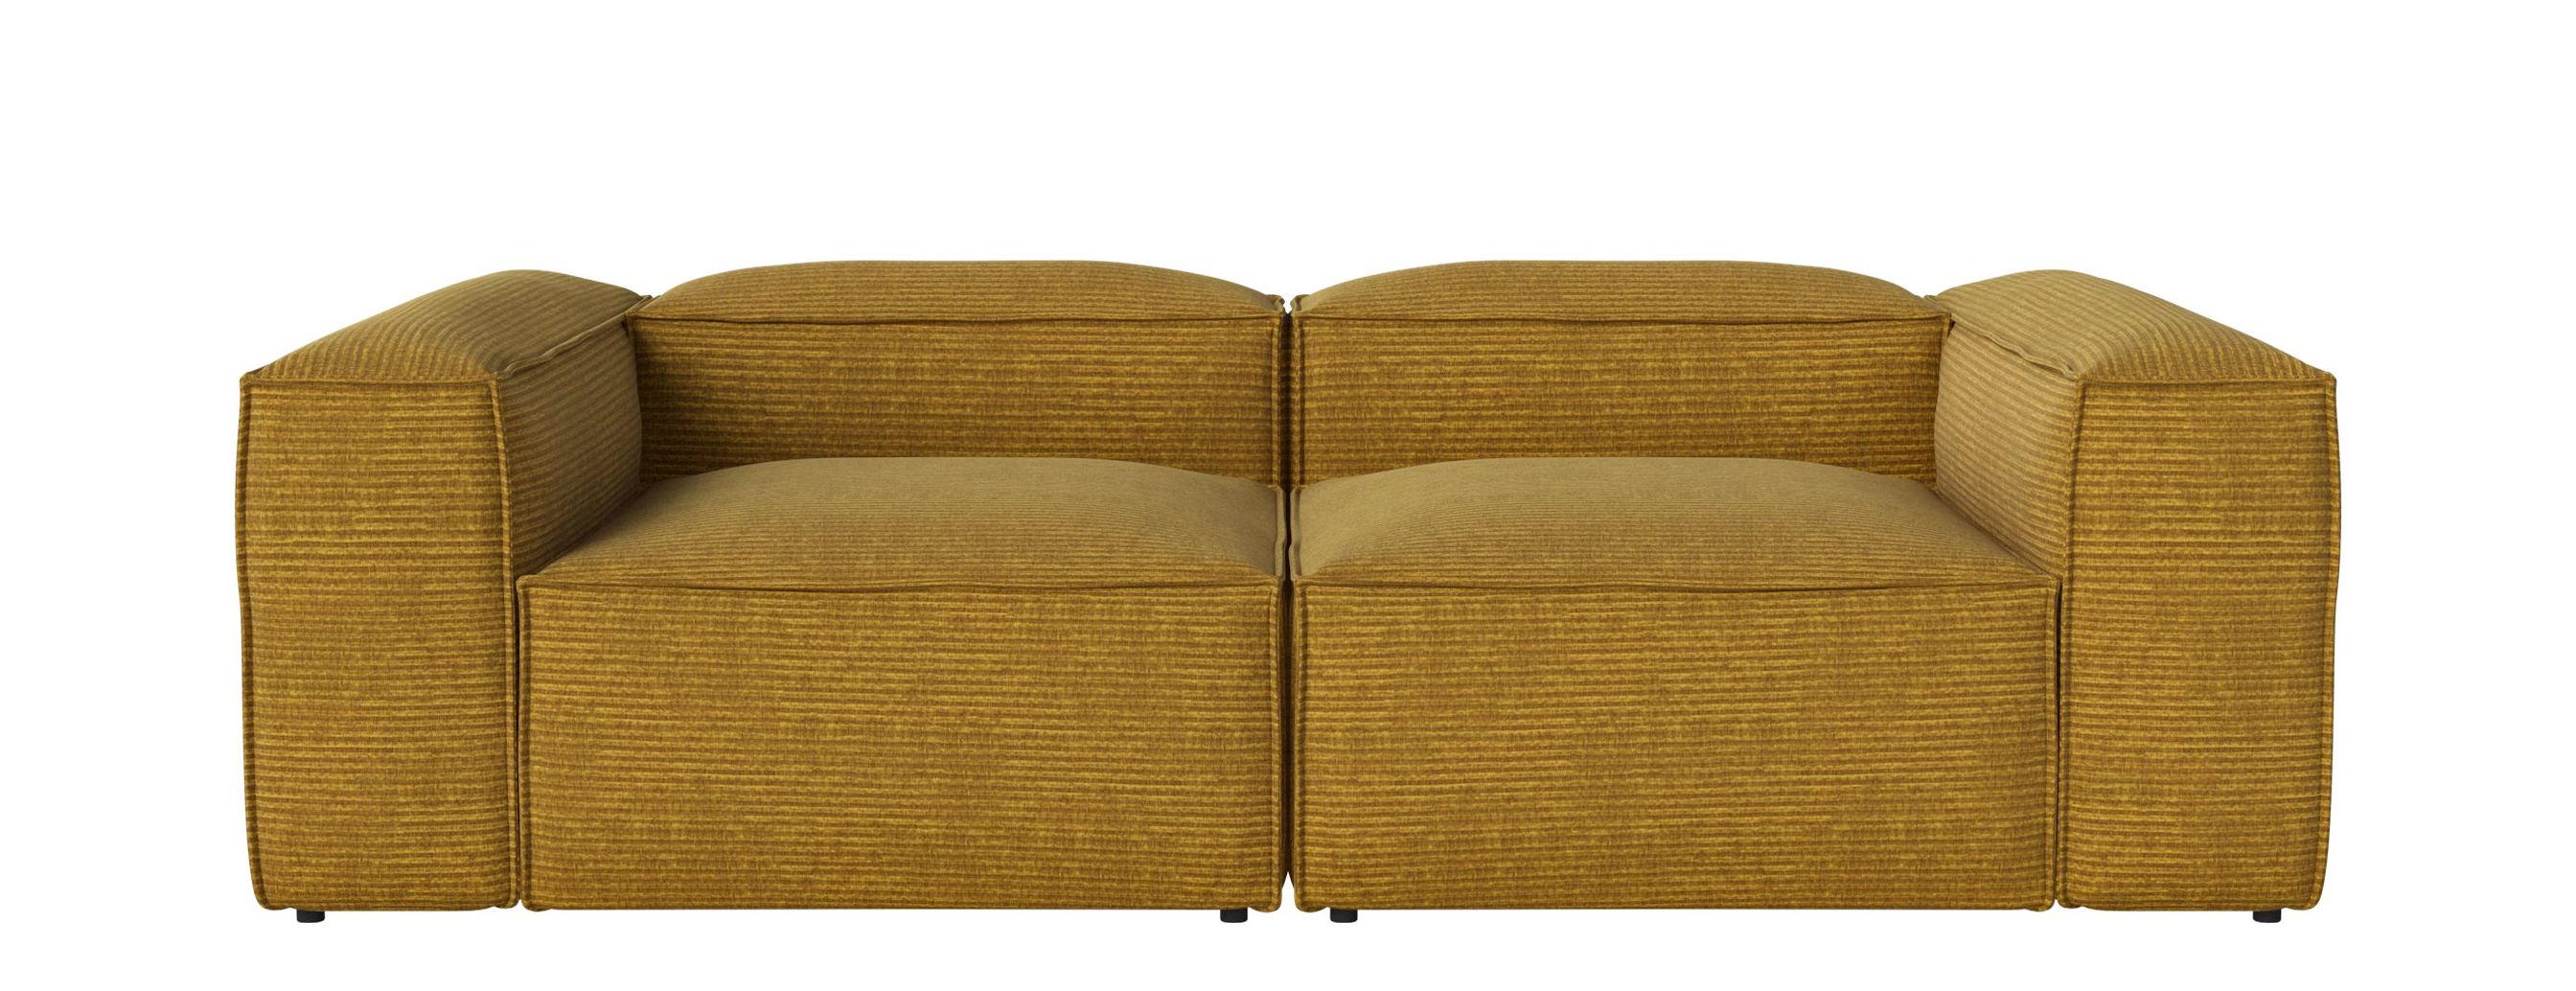 Arredamento - Divani moderni - Divano modulabile Cosima - Tessuto / 2 moduli - piccolo angolo - L 240 cm di Bolia - Giallo curry - Schiuma fredda, Tessuto Global